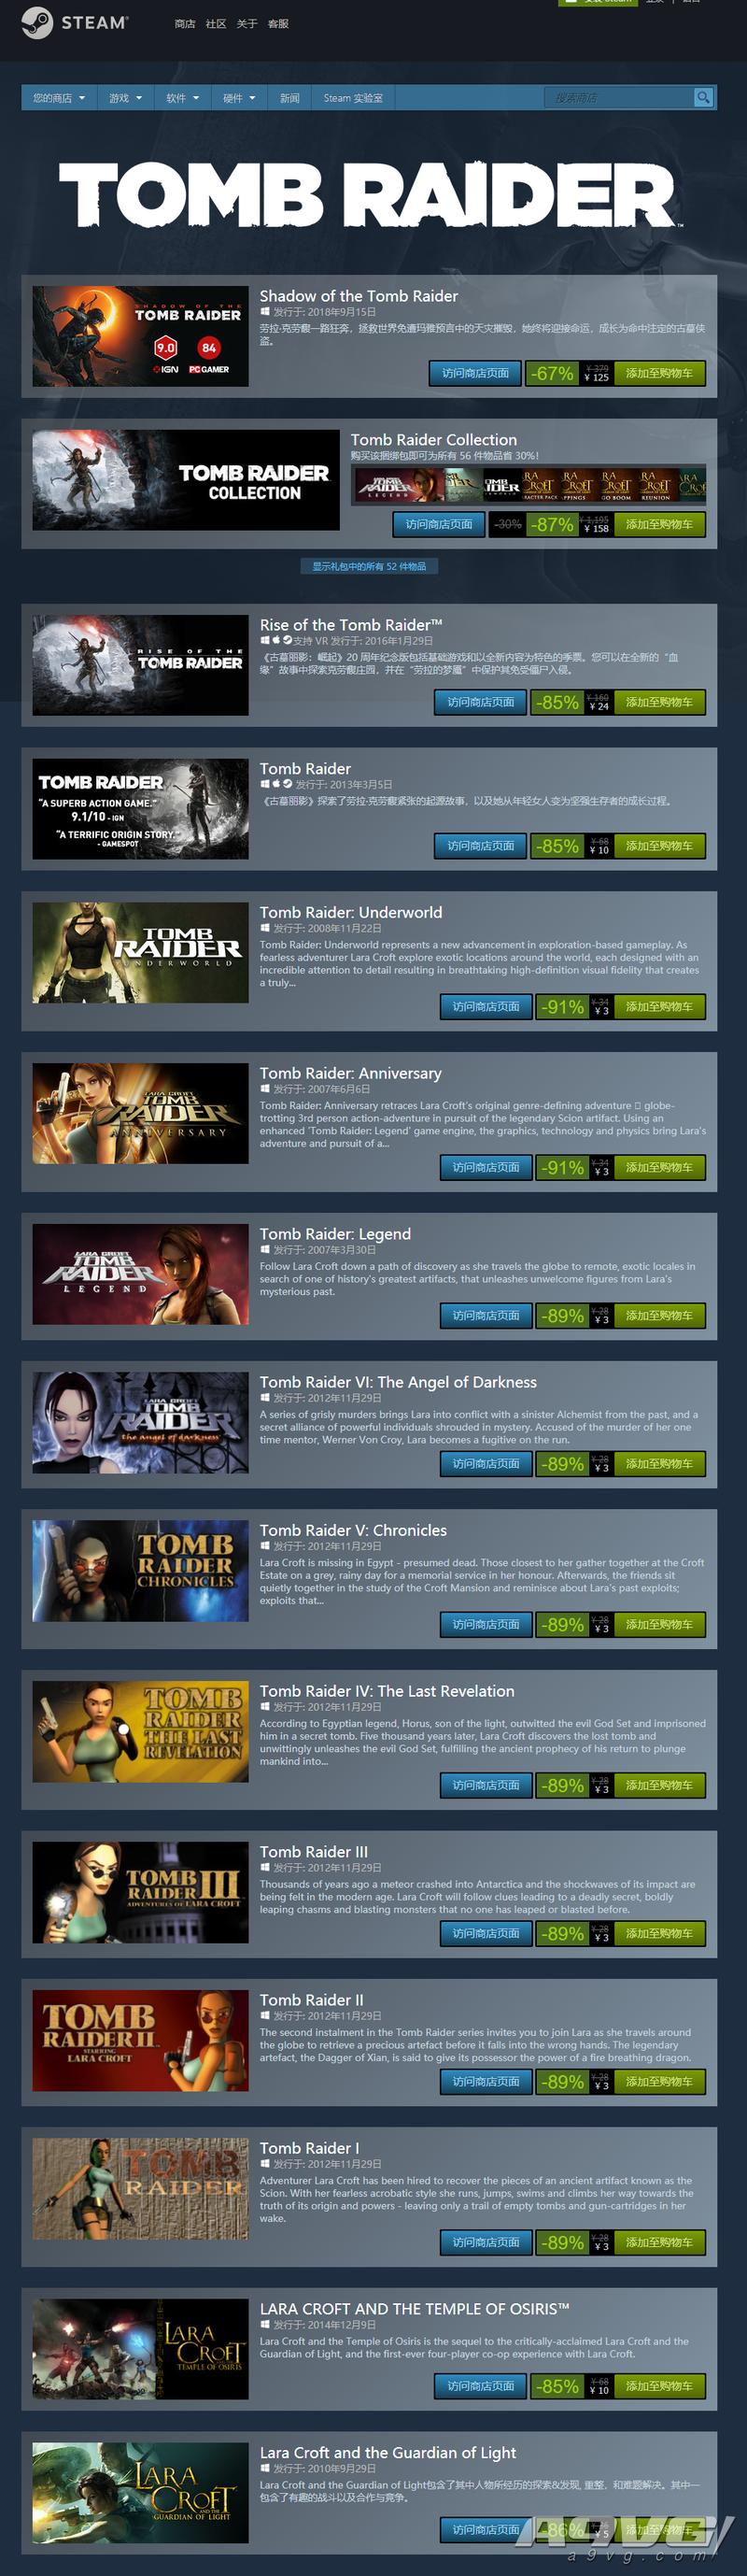 《古墓丽影》系列正在Steam打折 《暗影》125元《崛起》24元